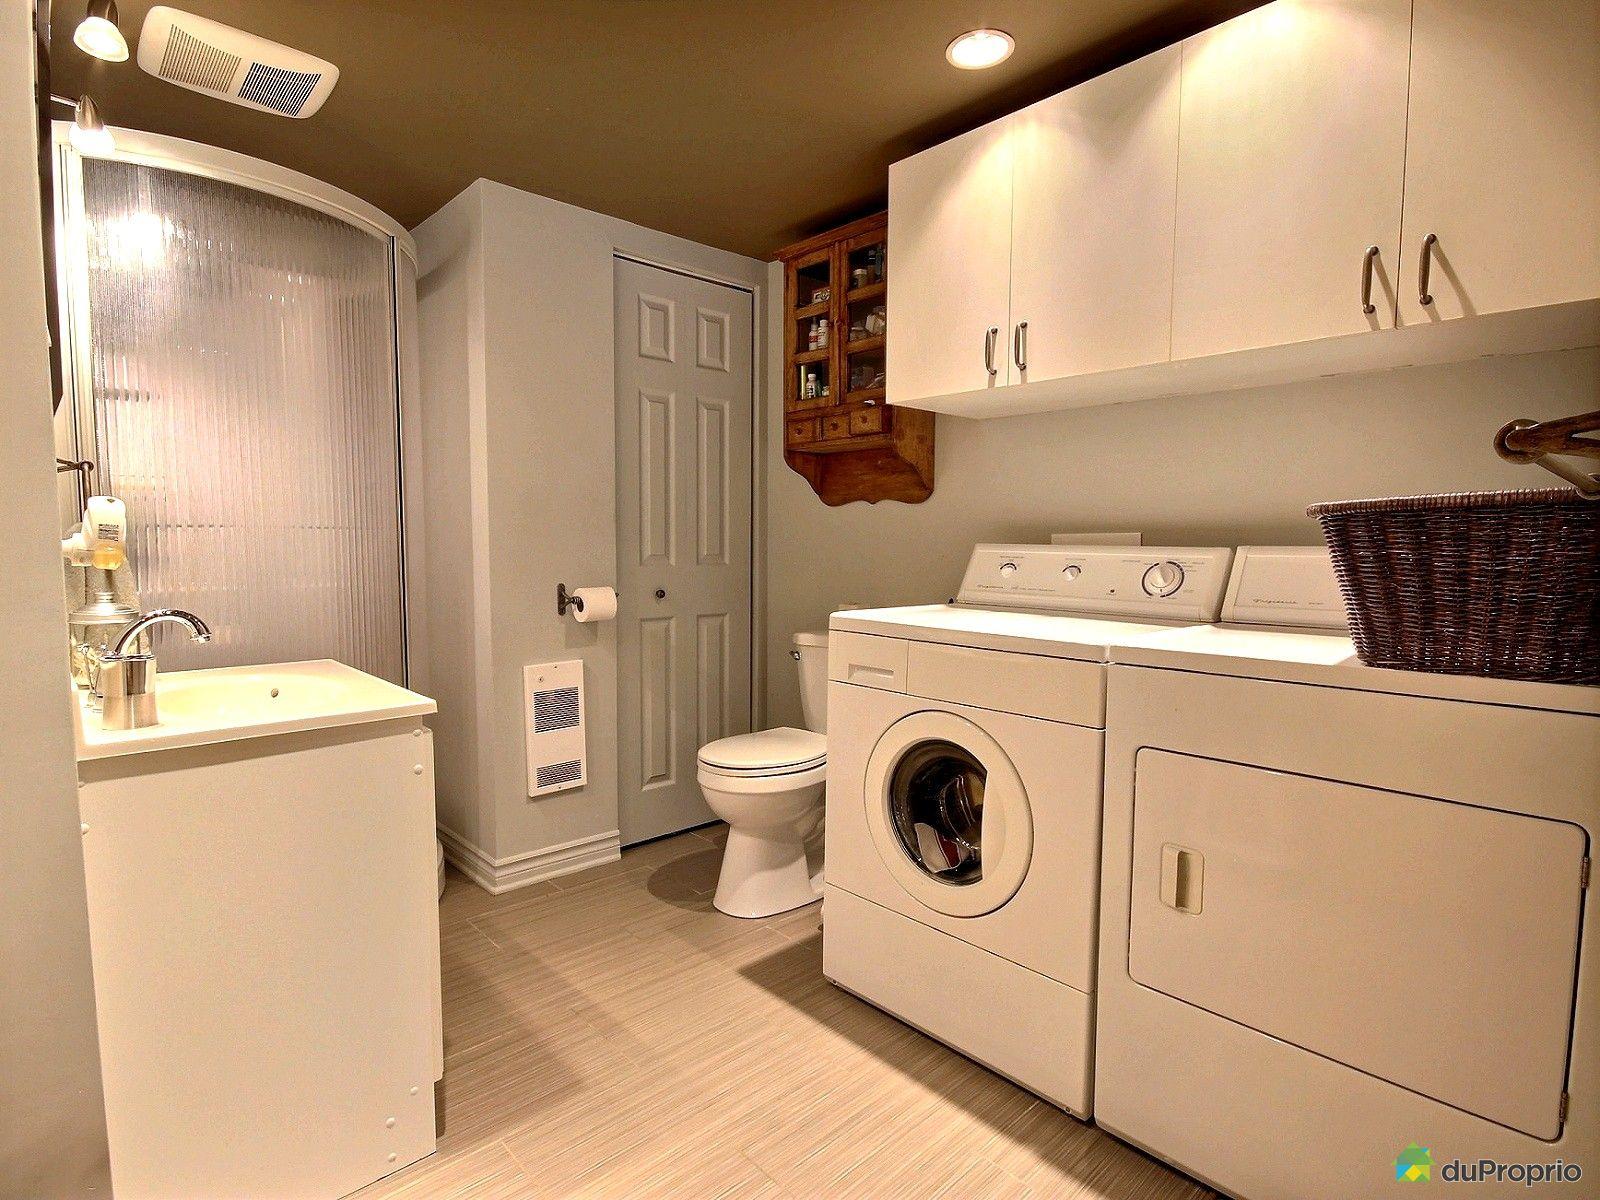 Jumel vendu longueuil immobilier qu bec duproprio 555881 - Salle de bain sous sol ...